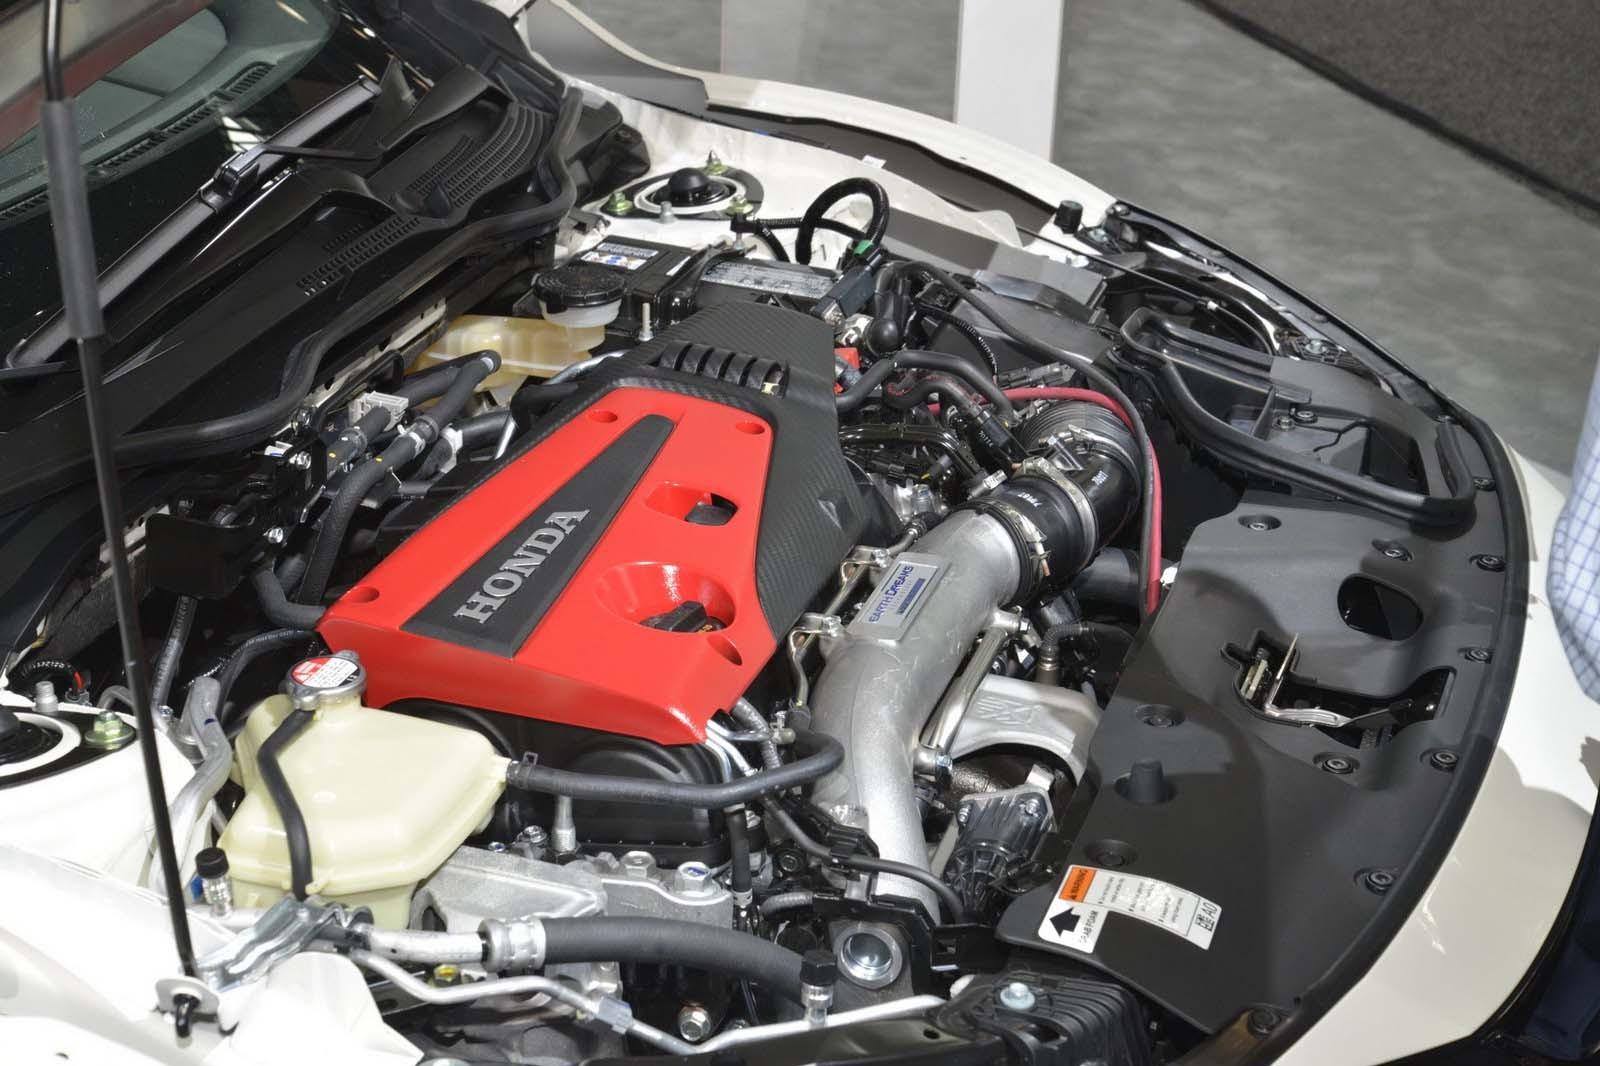 Xe++ - Honda Civic Type R 2018 tại Indonesia đắt gấp đôi giá bán thị trường Mỹ (Hình 9).